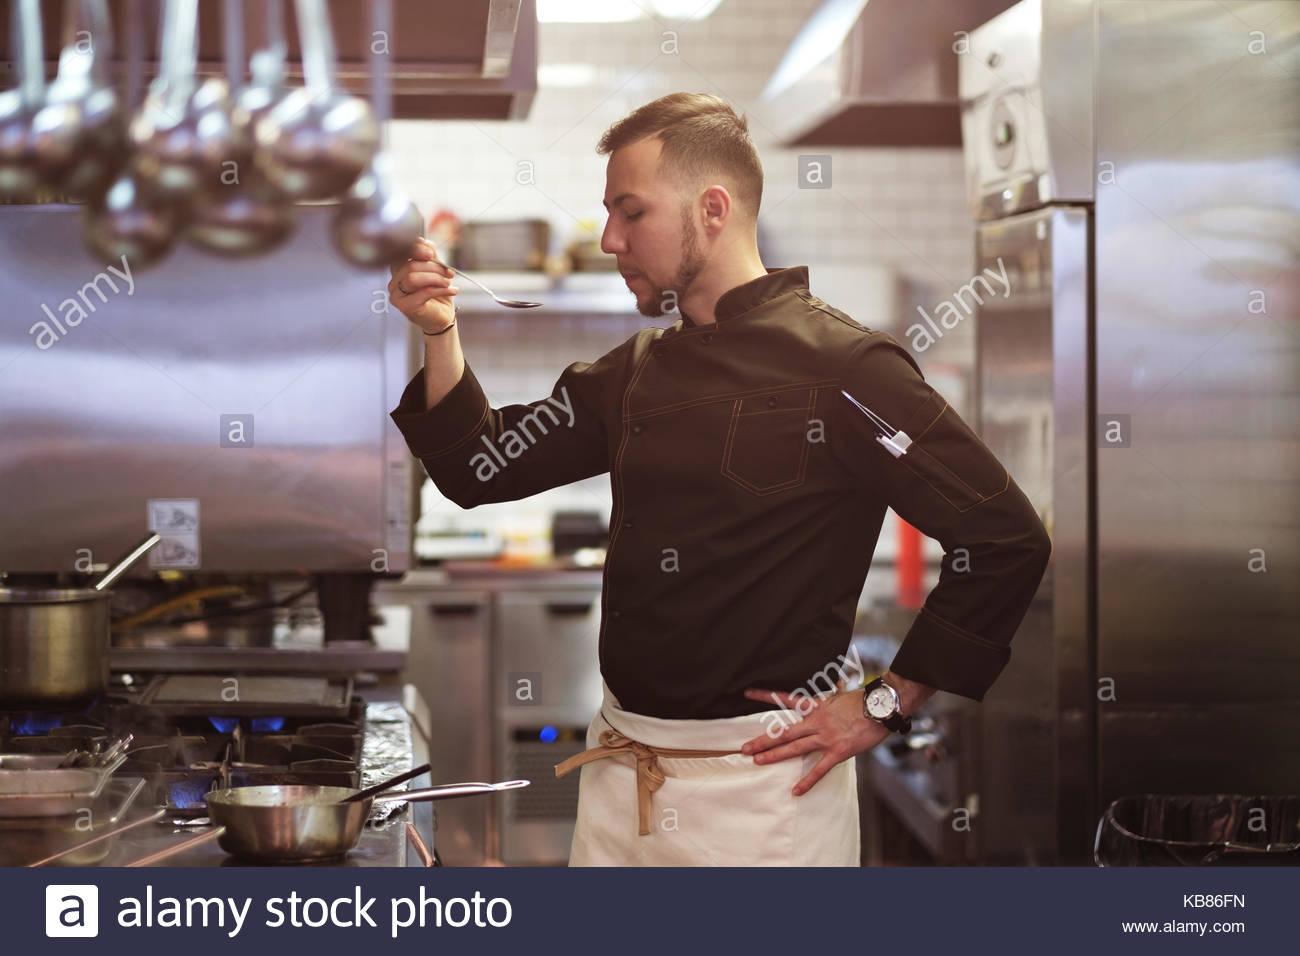 Essen Konzept. Ein junger Koch steht in der Küche und bereitet ein Gericht. Stockbild